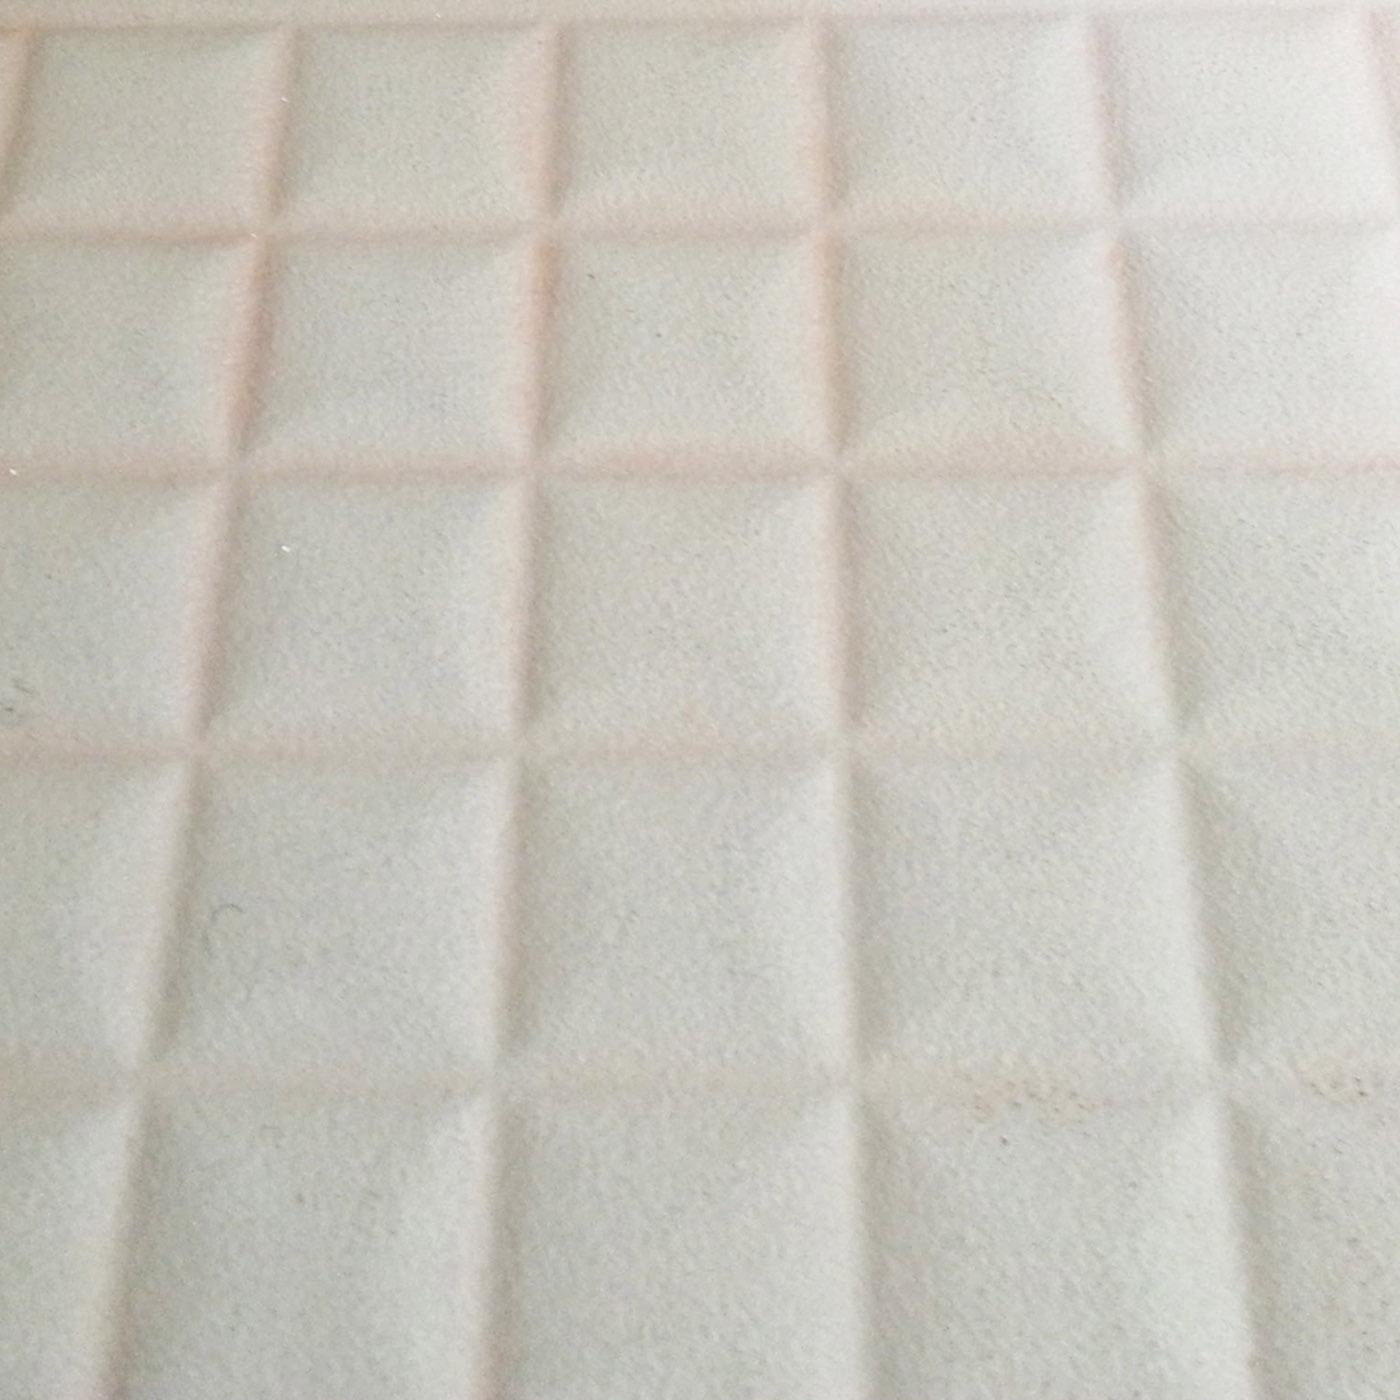 【浴室のタイル目地に】目地にうっすらピンク汚れを見つけたら……